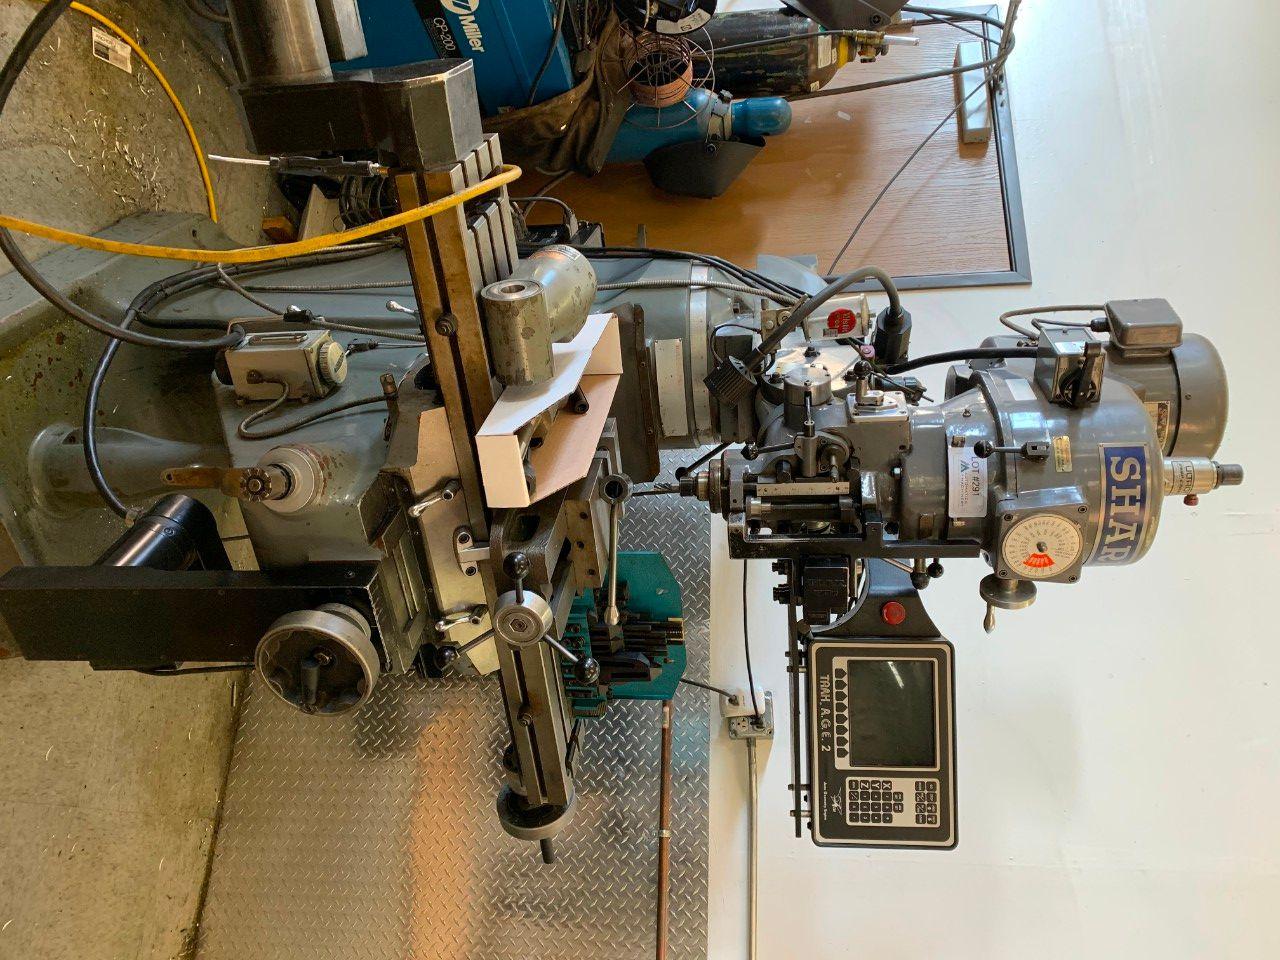 Sharpe LMV Vertikal-CNC-Konsolfräser mit rechtem Winkel. 10 Verschiedene Werkzeuge, Schraubstock, Sc